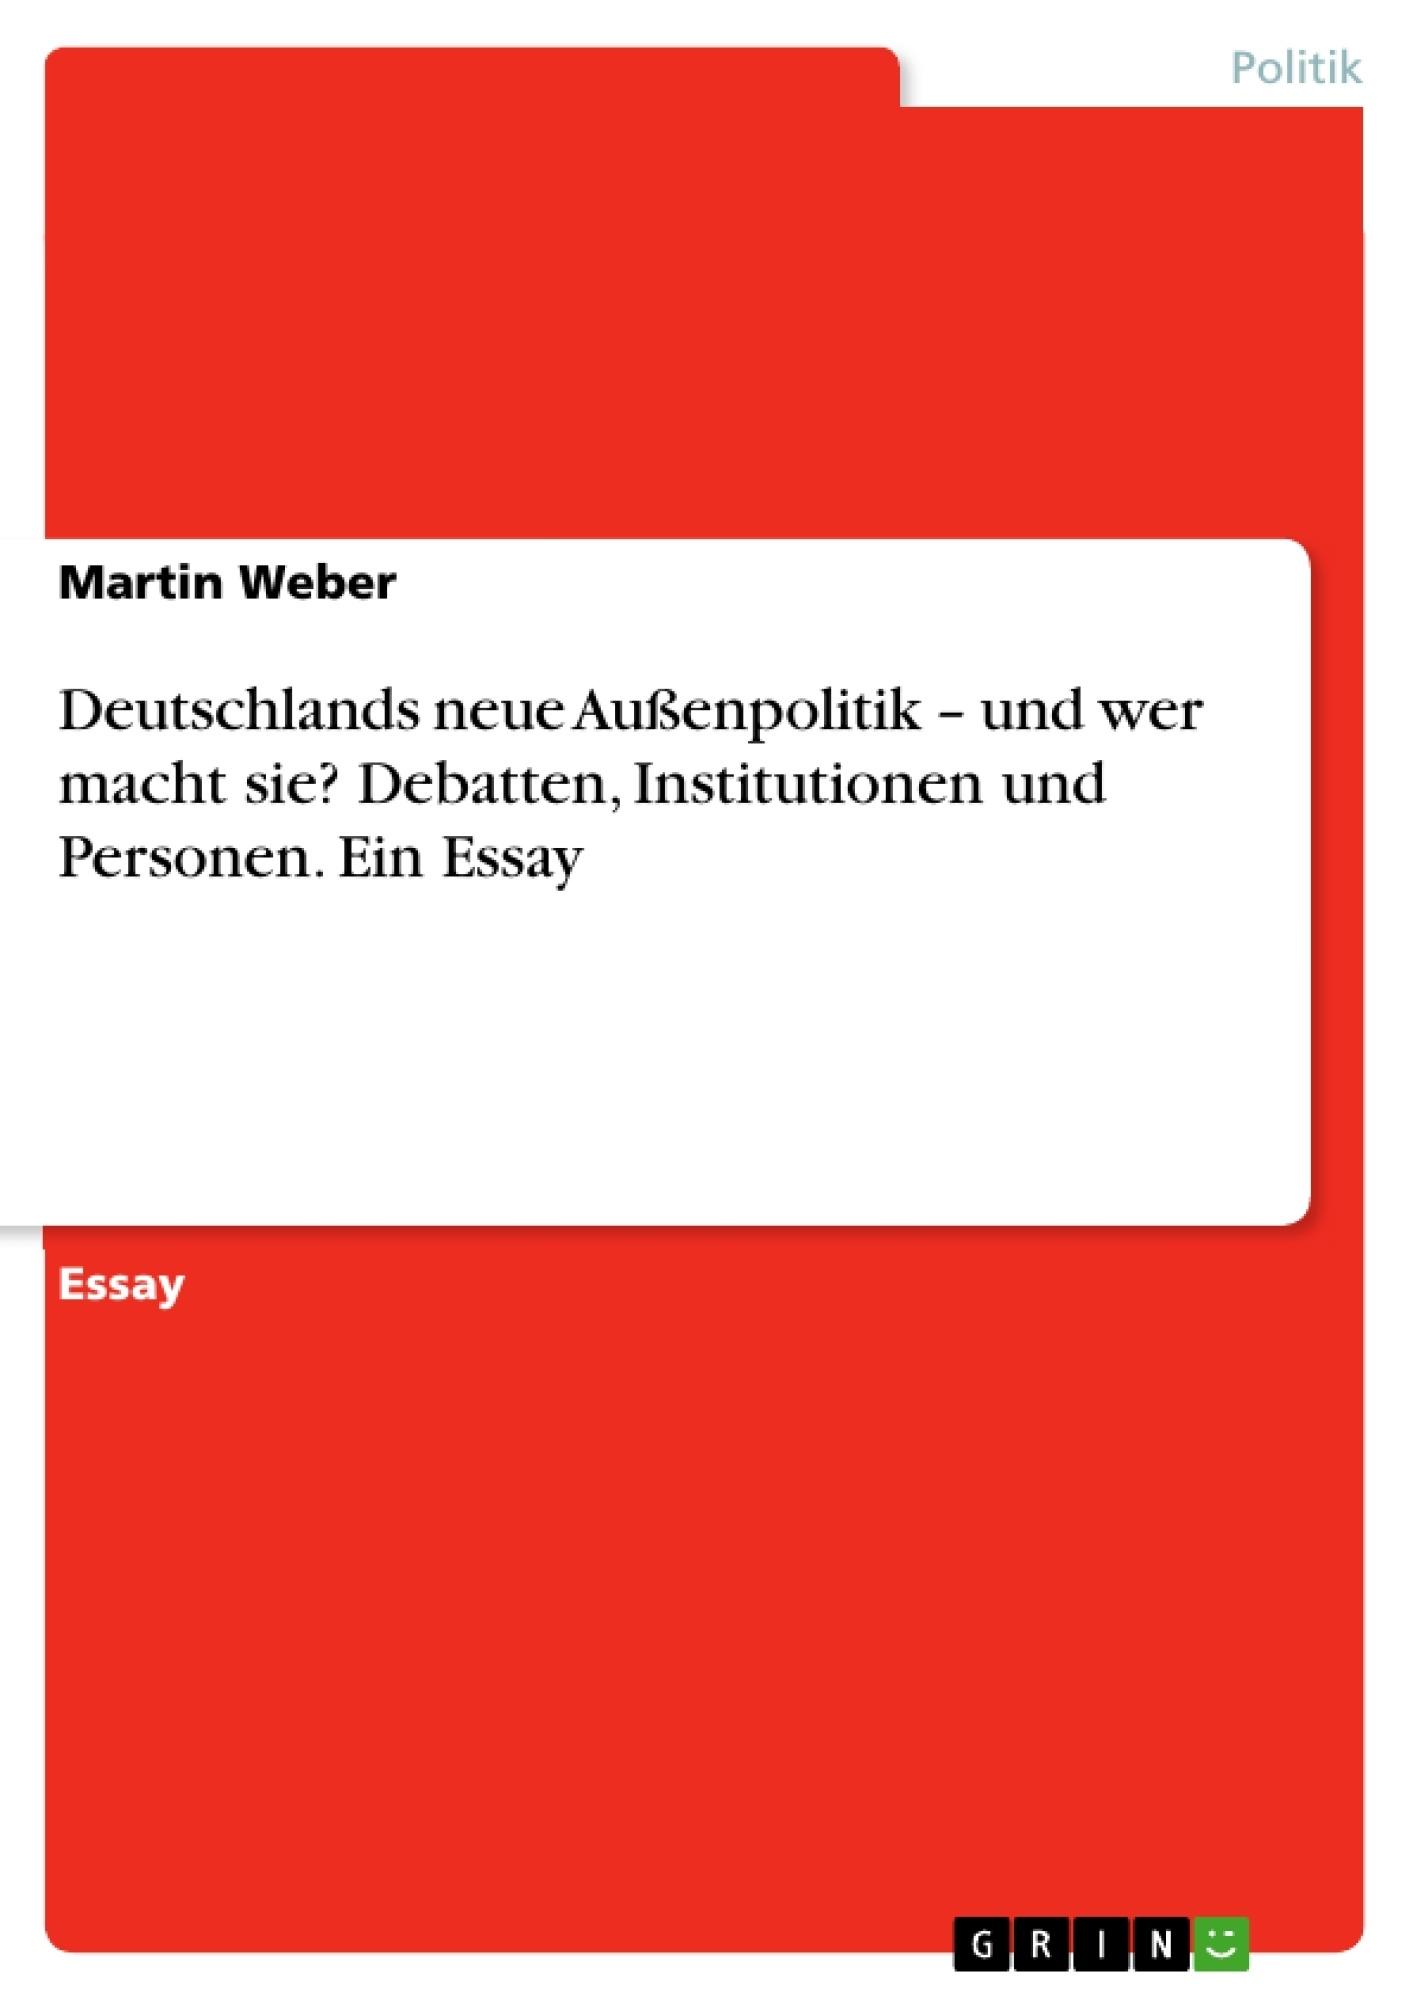 Titel: Deutschlands neue Außenpolitik – und wer macht sie? Debatten, Institutionen und Personen. Ein Essay